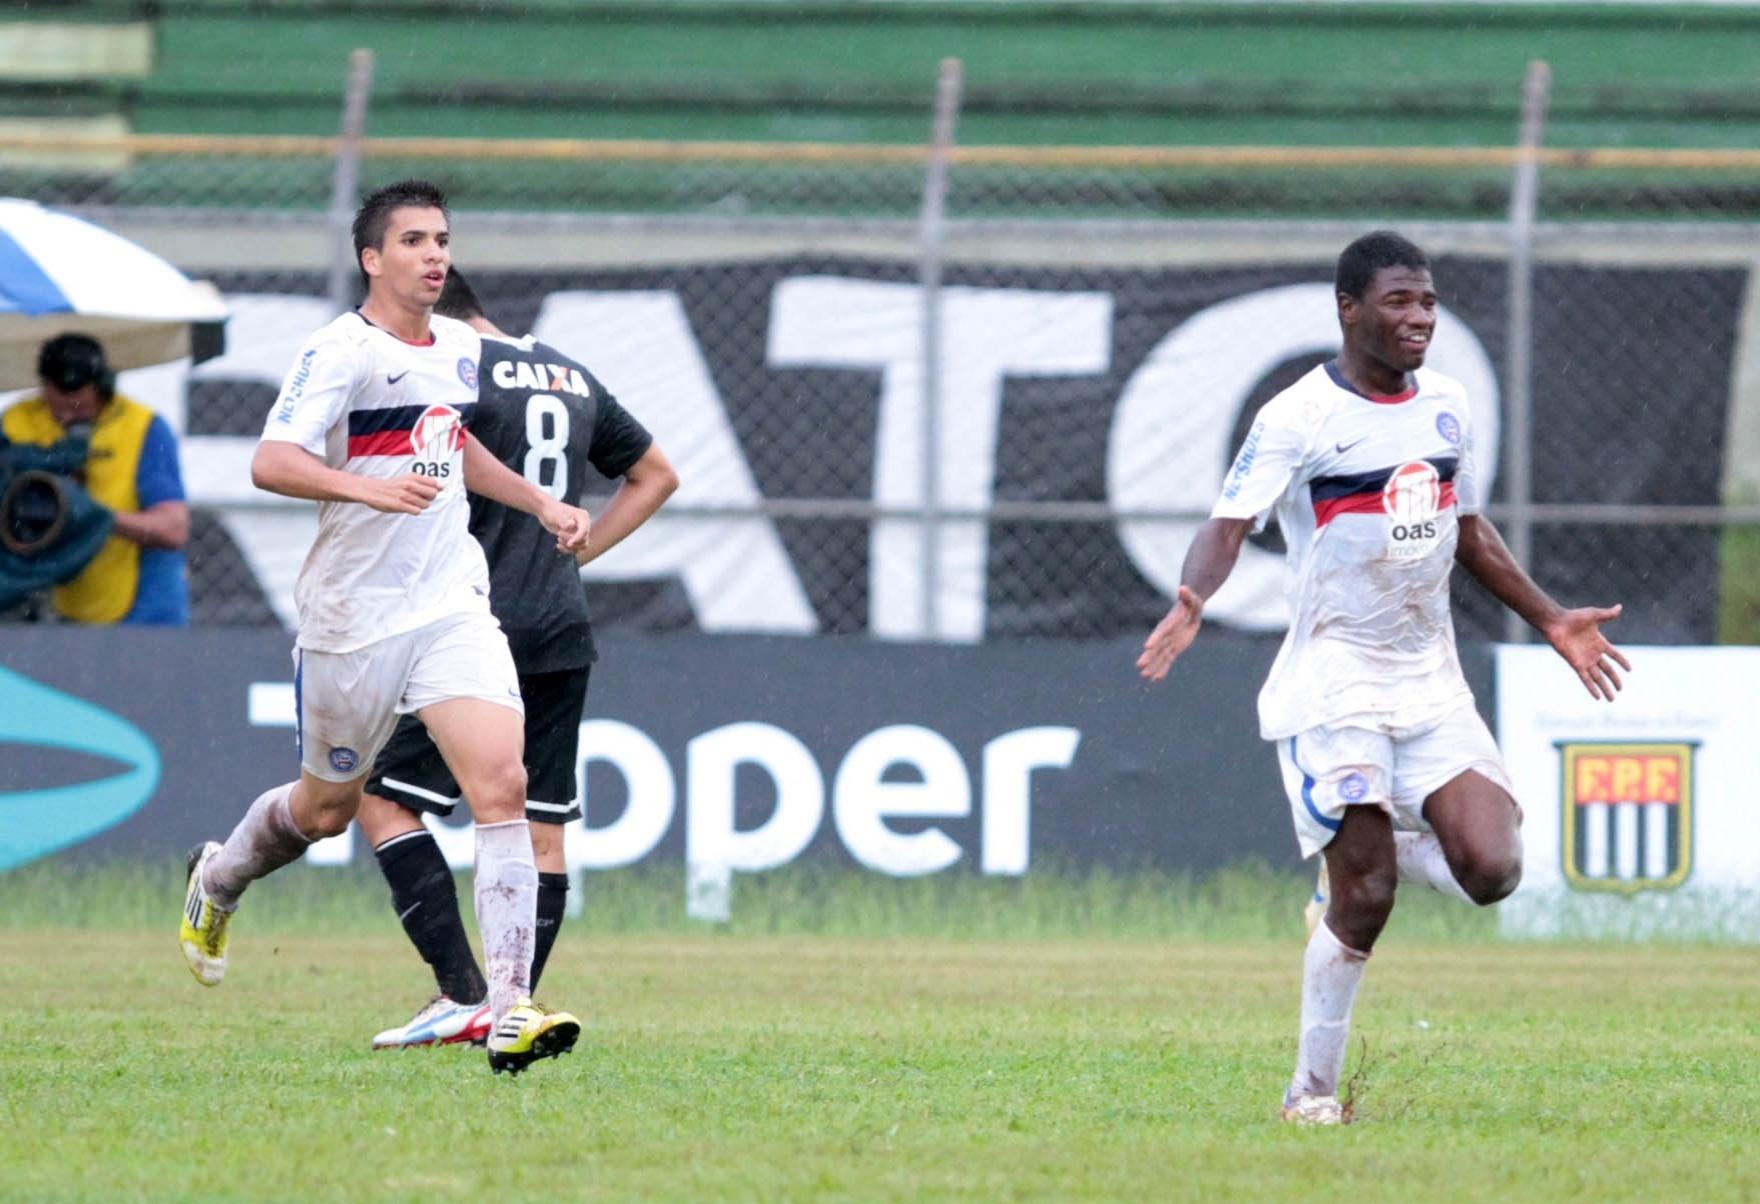 16.jan.2013 - Feijão (à direita) comemora após marcar pelo Bahia contra o Corinthians na Copa São Paulo de Futebol Junior